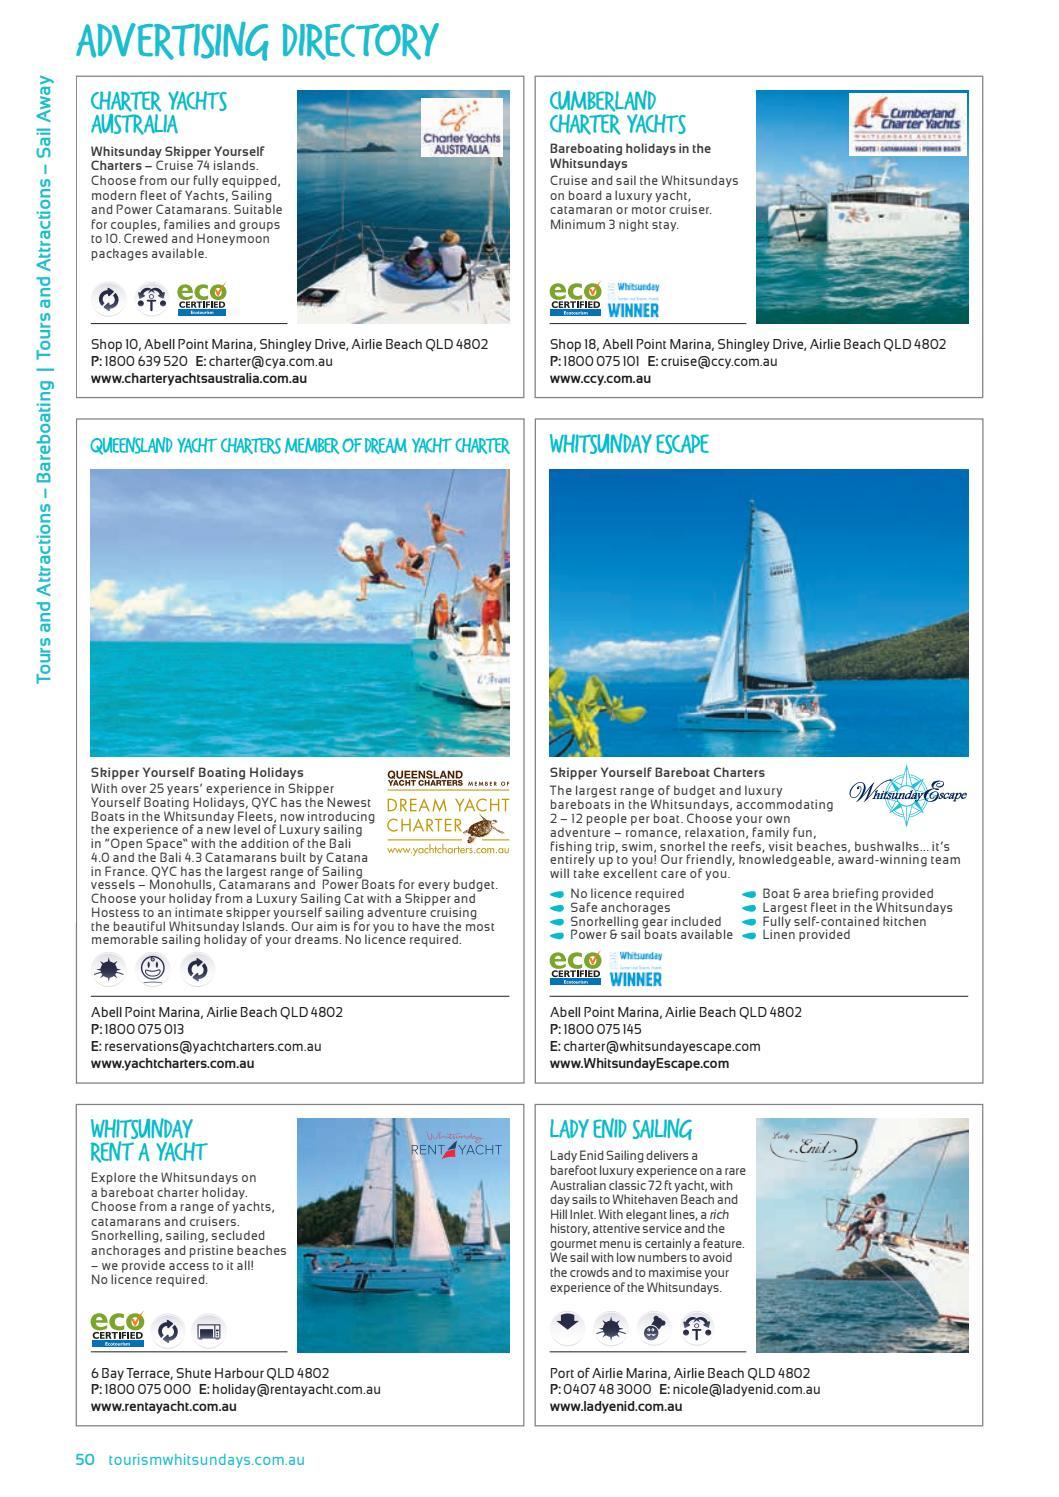 Whitsunday guide 2017 by Vink Publishing - issuu